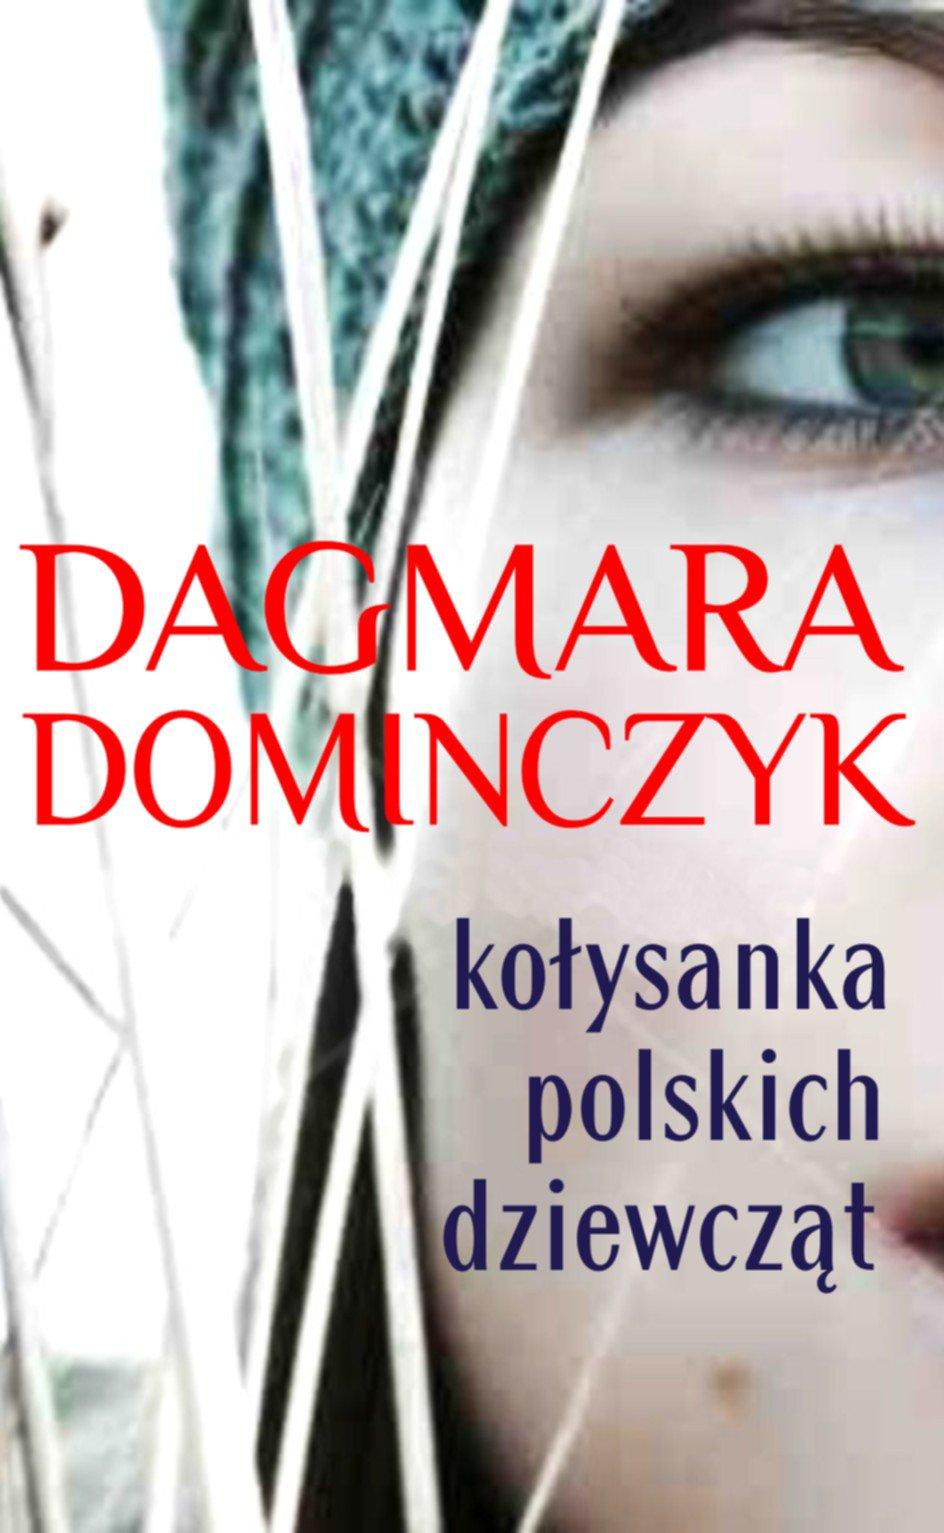 Kołysanka polskich dziewcząt - Ebook (Książka EPUB) do pobrania w formacie EPUB